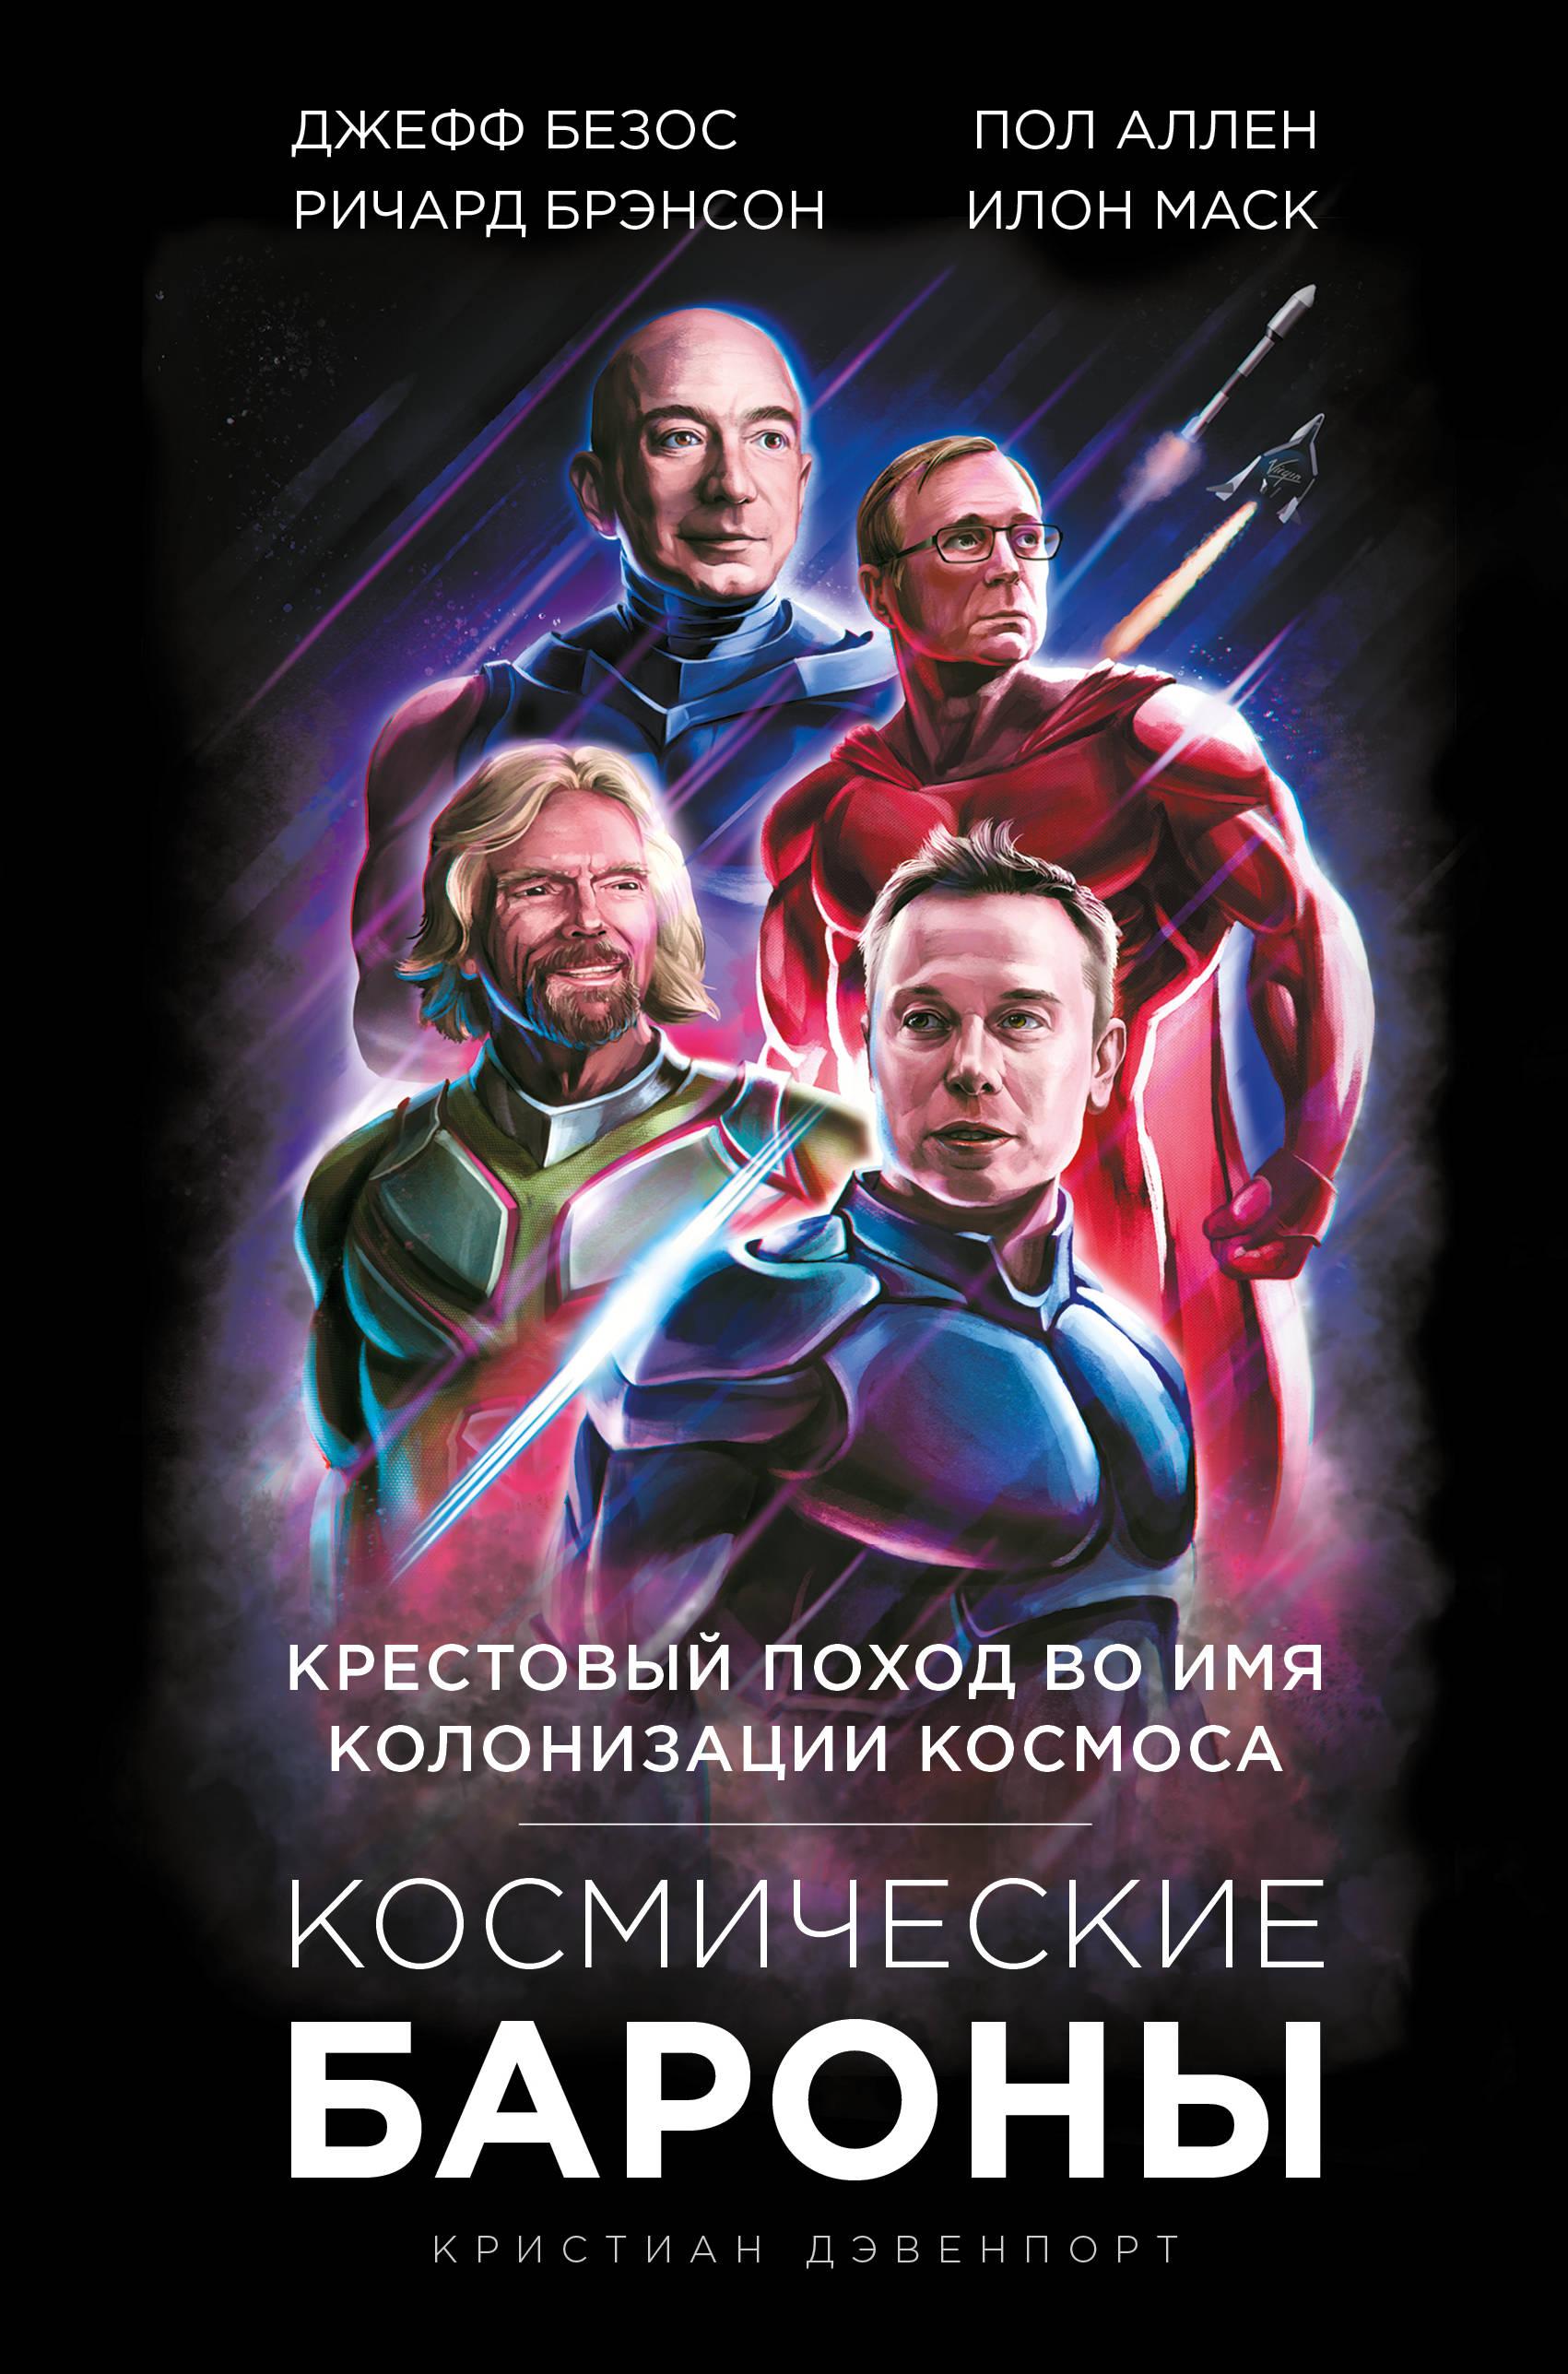 Kosmicheskie barony. Ilon Mask, Dzheff Bezos, Richard Brenson, Pol Allen i krestovyj pokhod vo imja kolonizatsii kosmosa